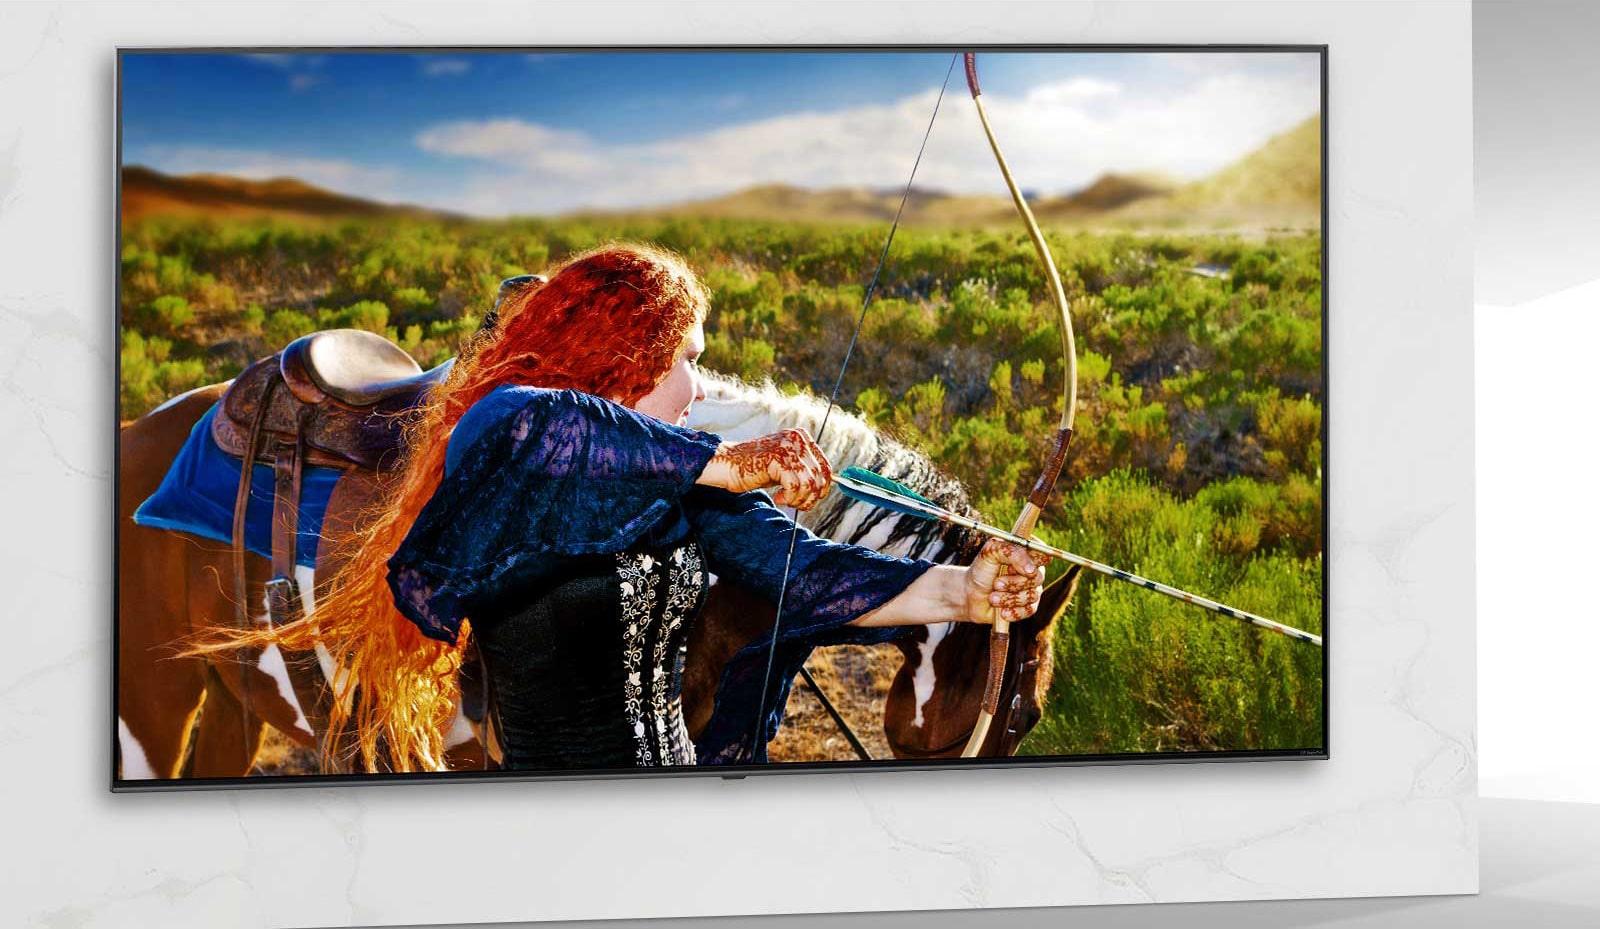 Televizní obrazovka se scénou ze sci-fi filmu se ženou střílející zluku